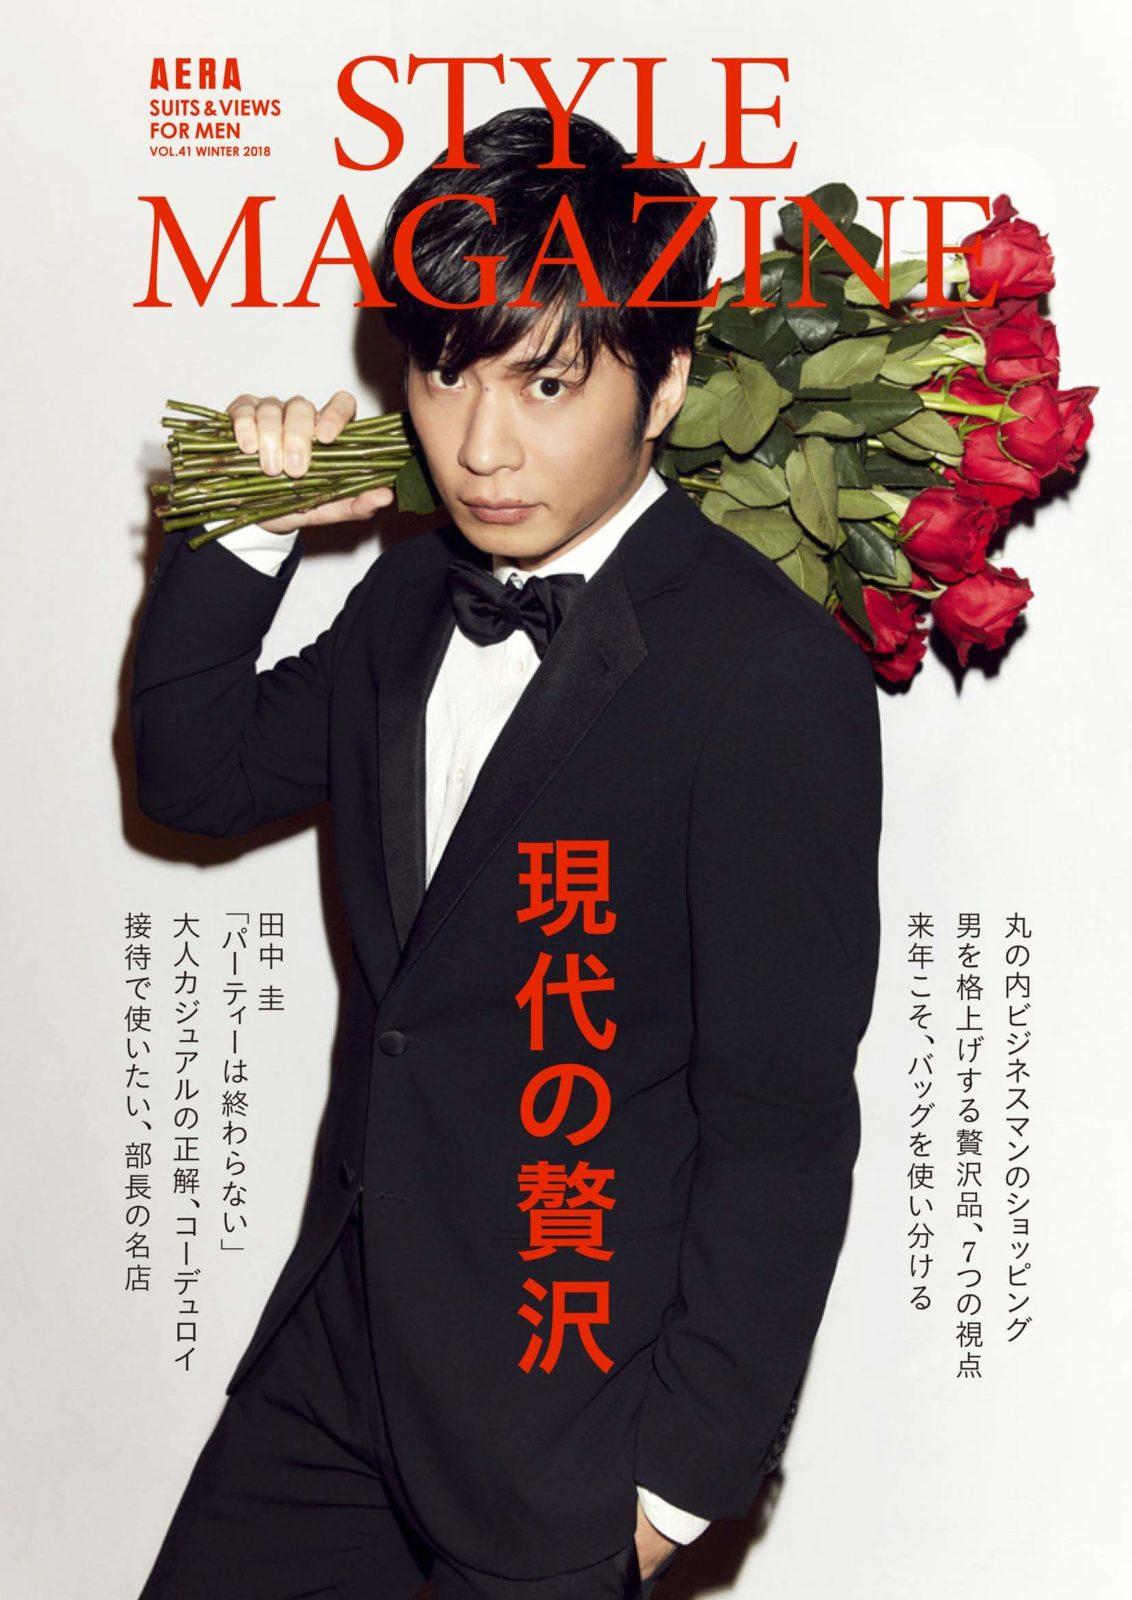 史上初!田中圭、「アエラスタイルマガジン」の表紙を1年間連続で飾る